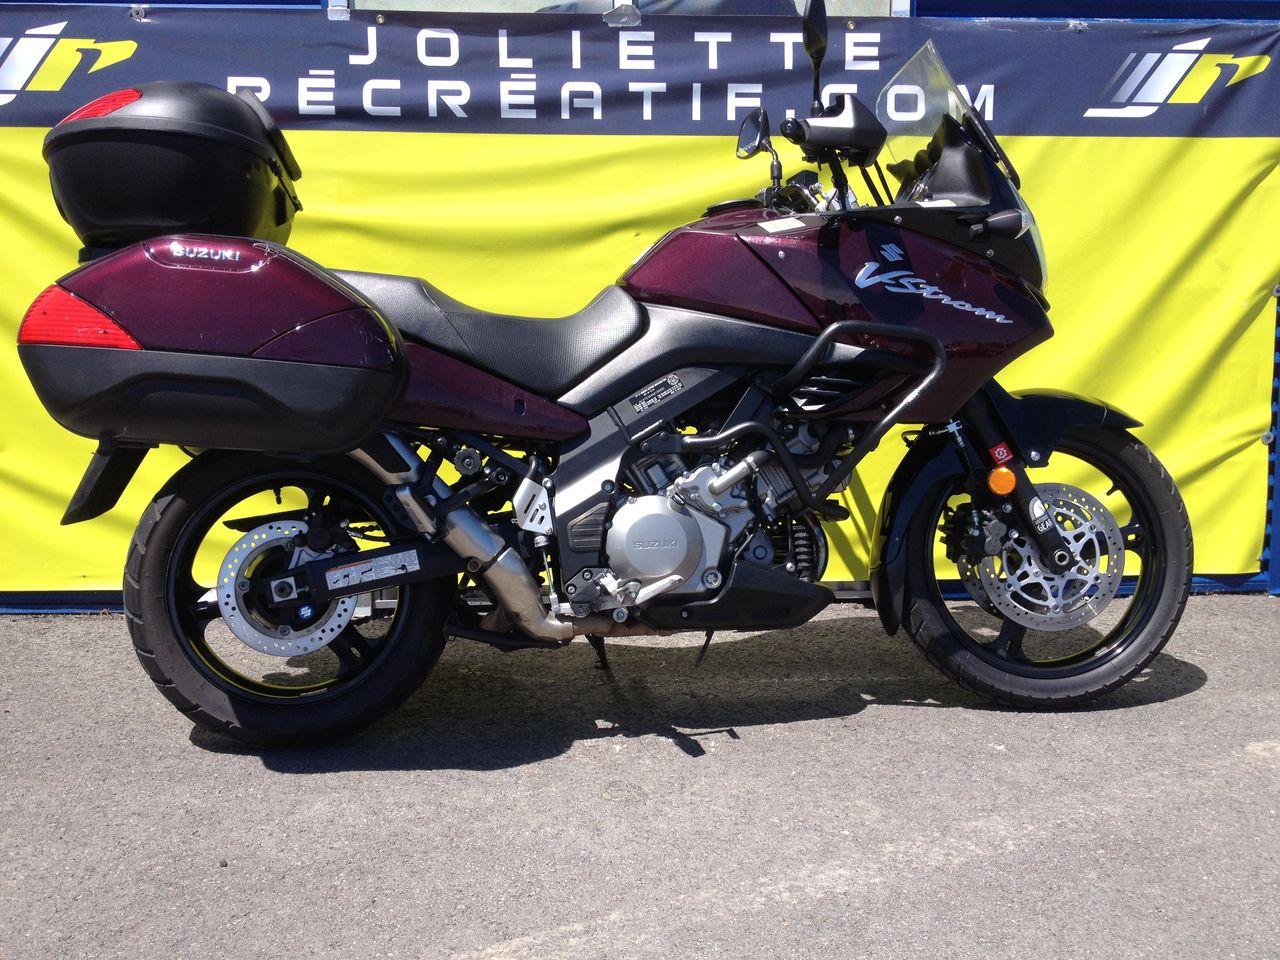 2010 Suzuki DL 1000 SE V-Strom